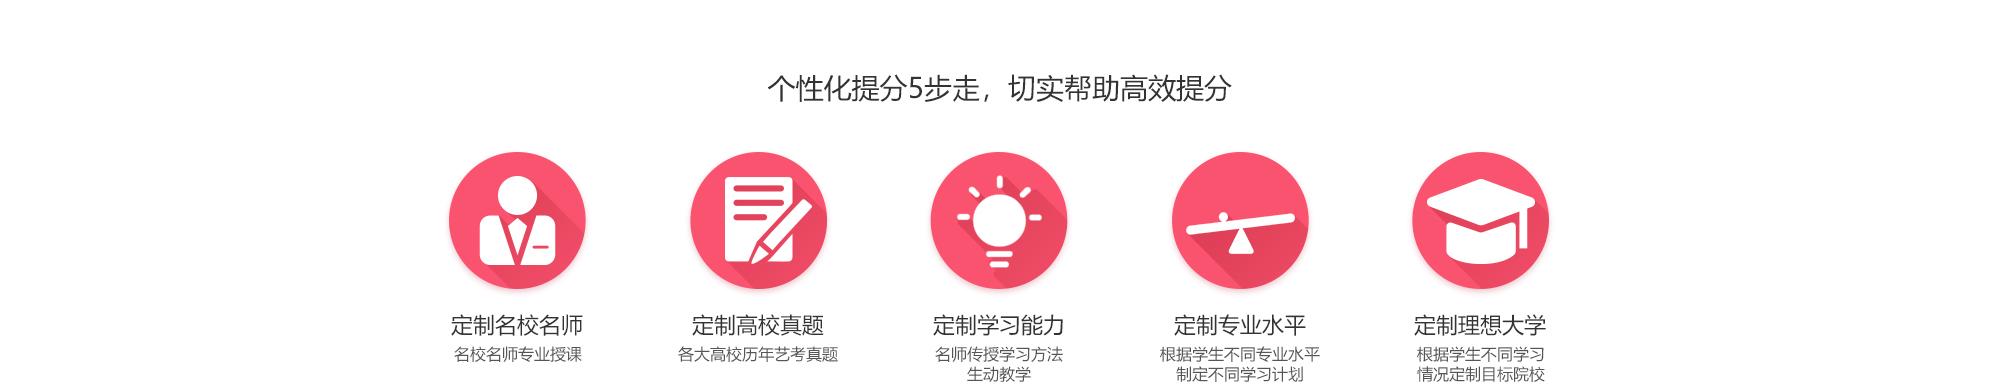 北京星干线艺考培训-一对一辅导